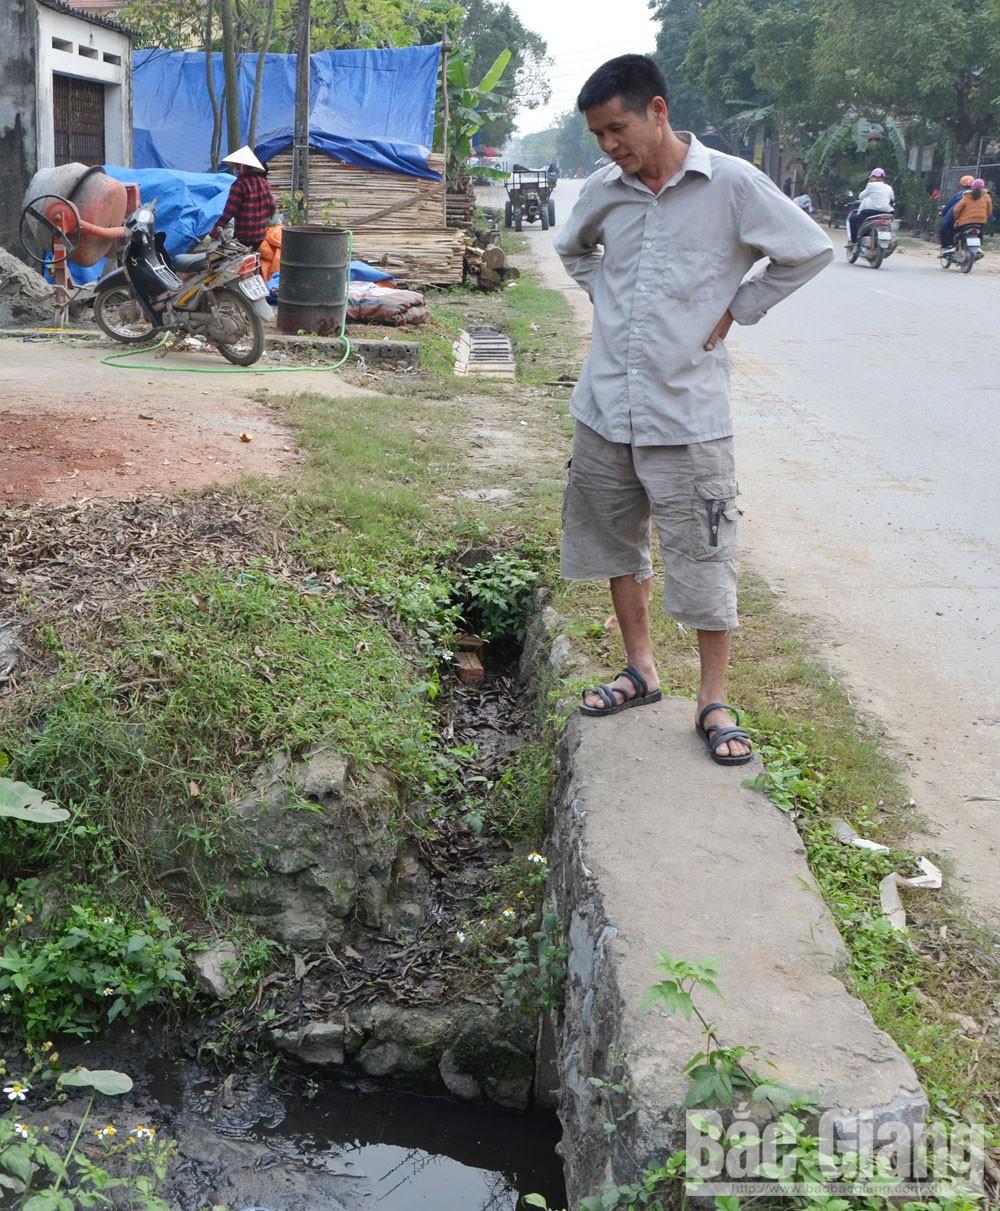 Bắc Giang, Hiệp Hòa,  cơ sở chăn nuôi, ô nhiễm môi trường,  Danh Thắng